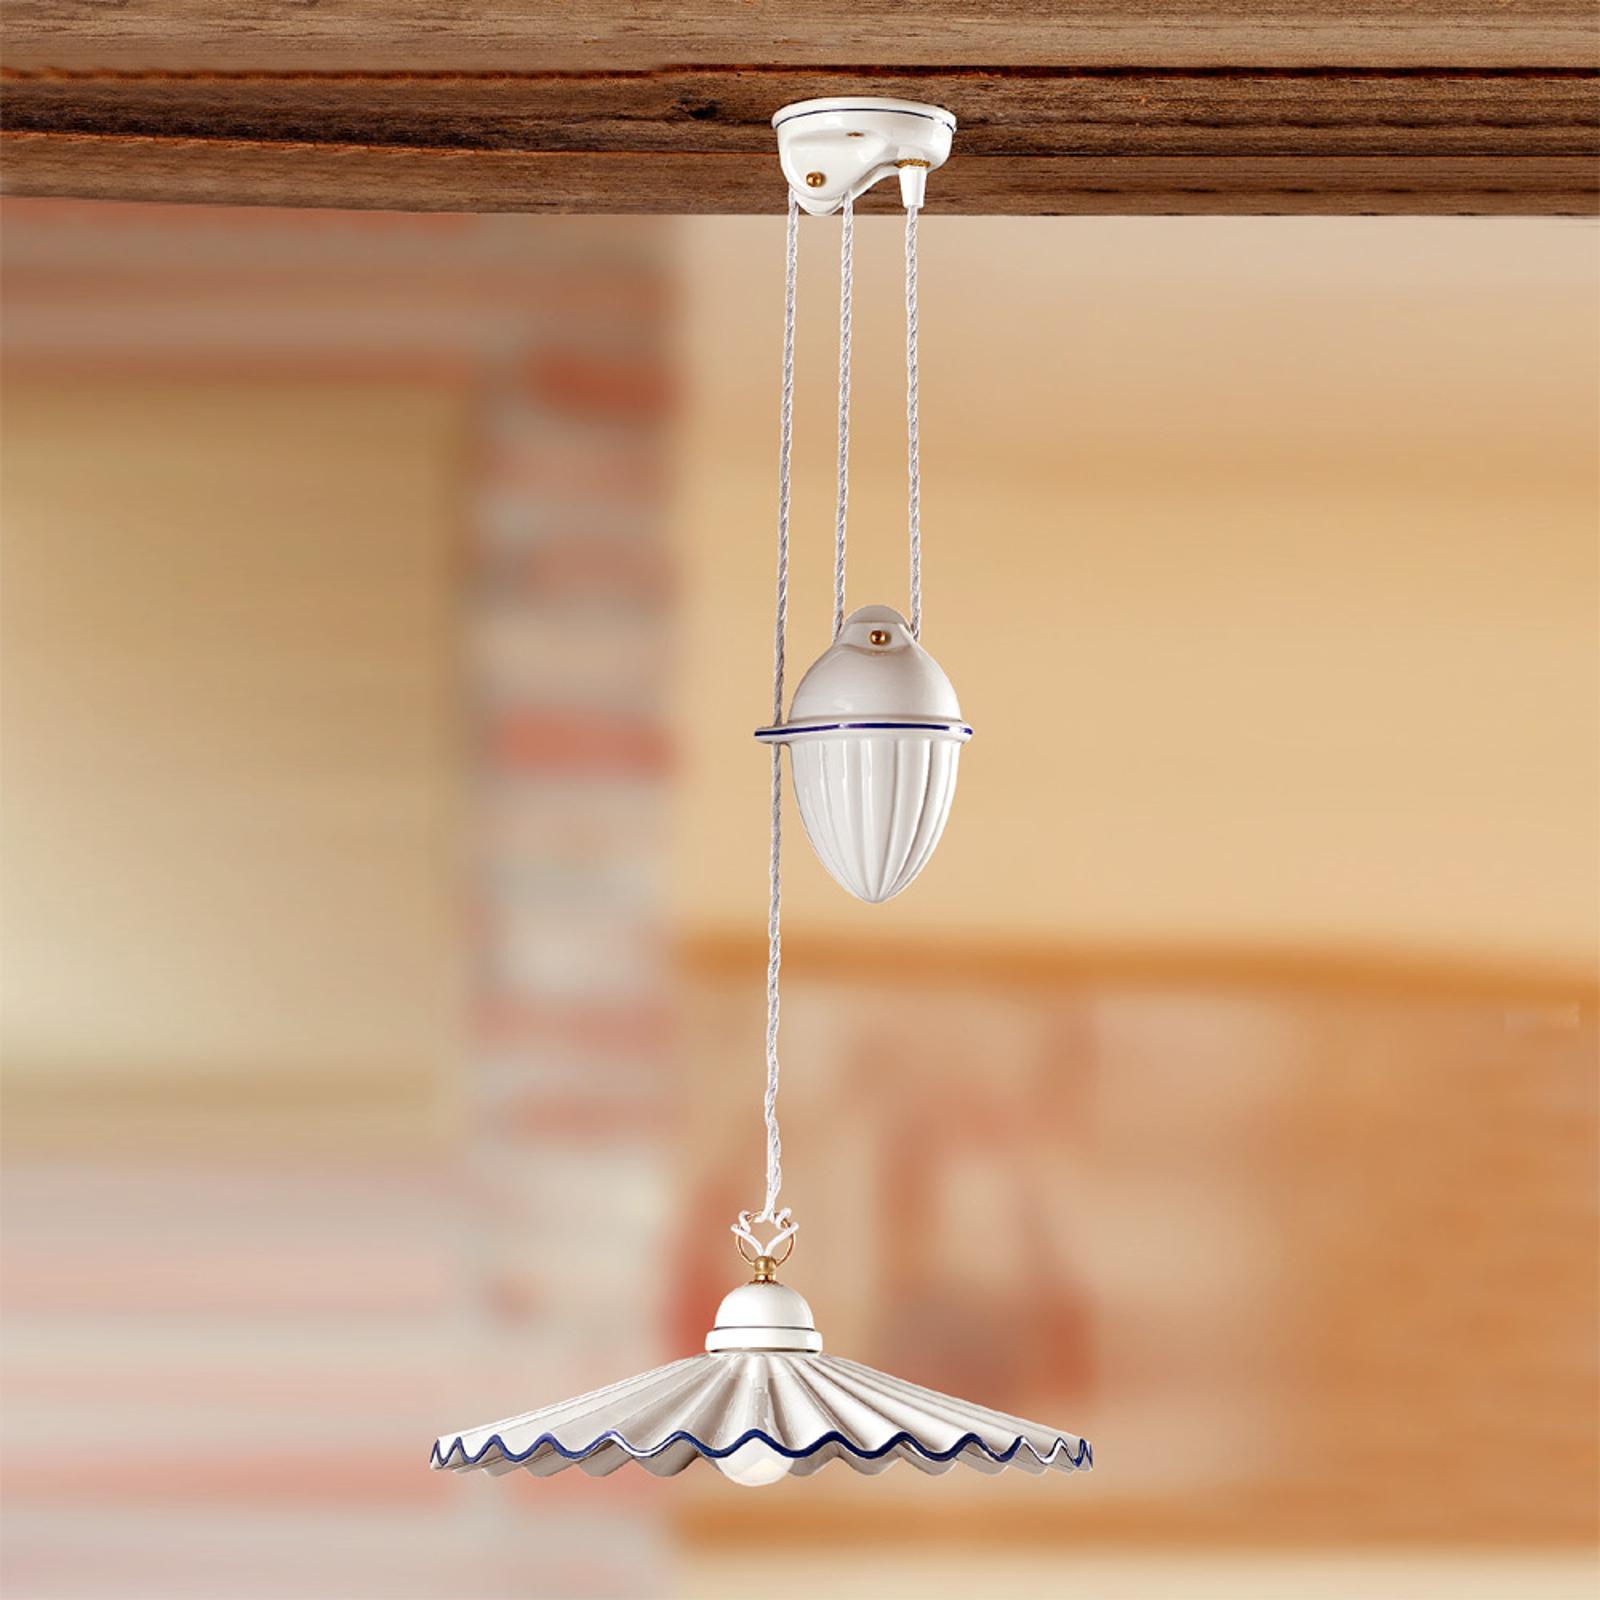 Lámpara colgante pendular Pieghe